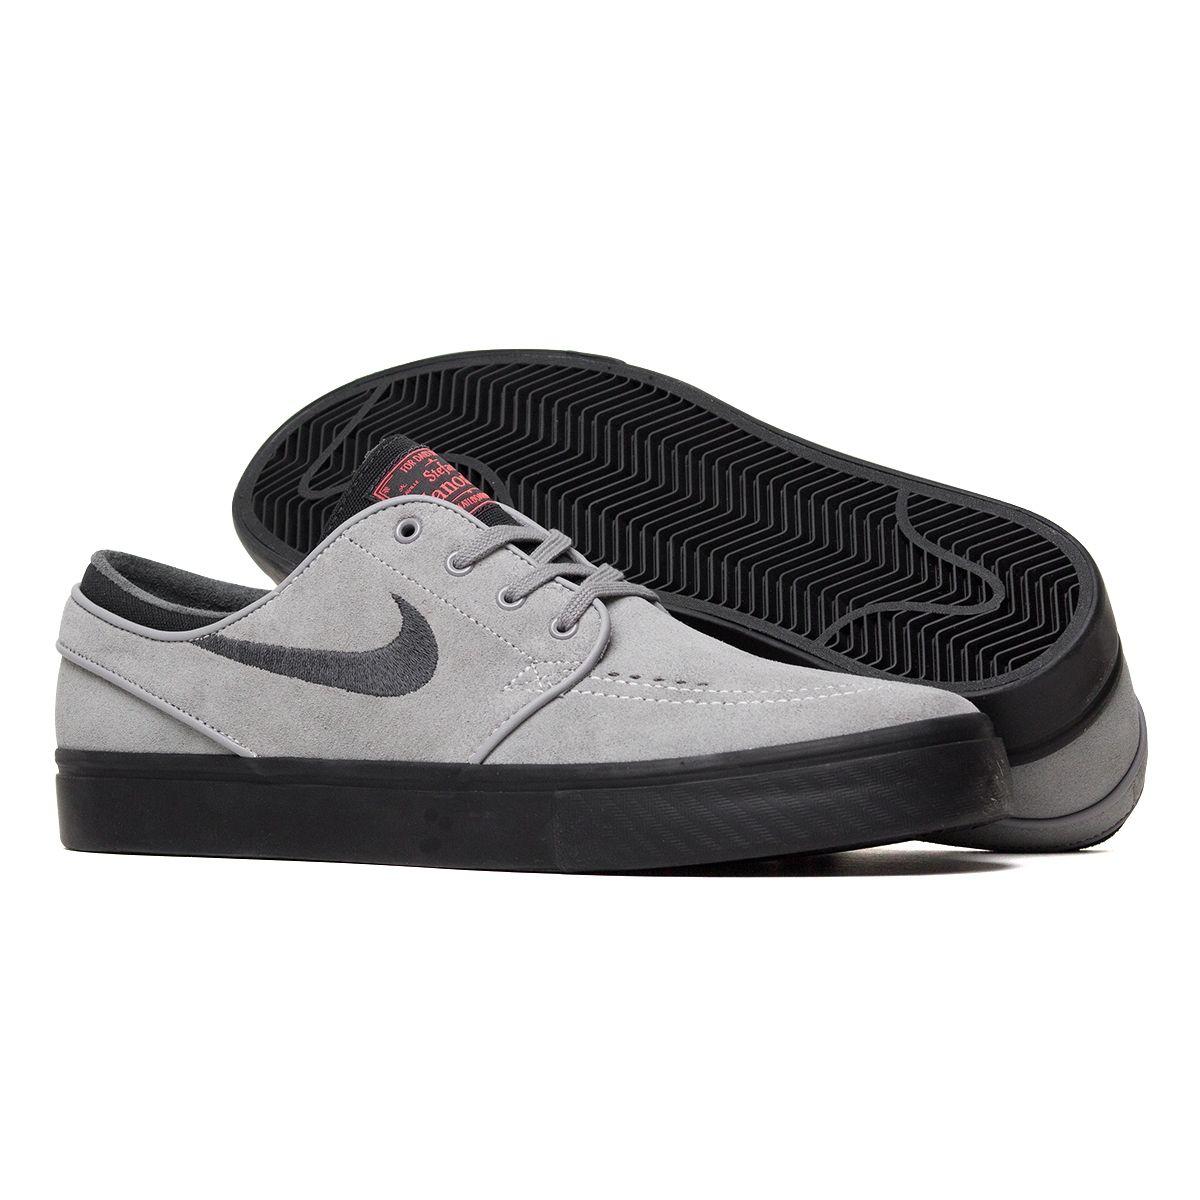 fec78235bd7 Tênis Nike SB Stefan Janoski Cinza e Preto - Maze